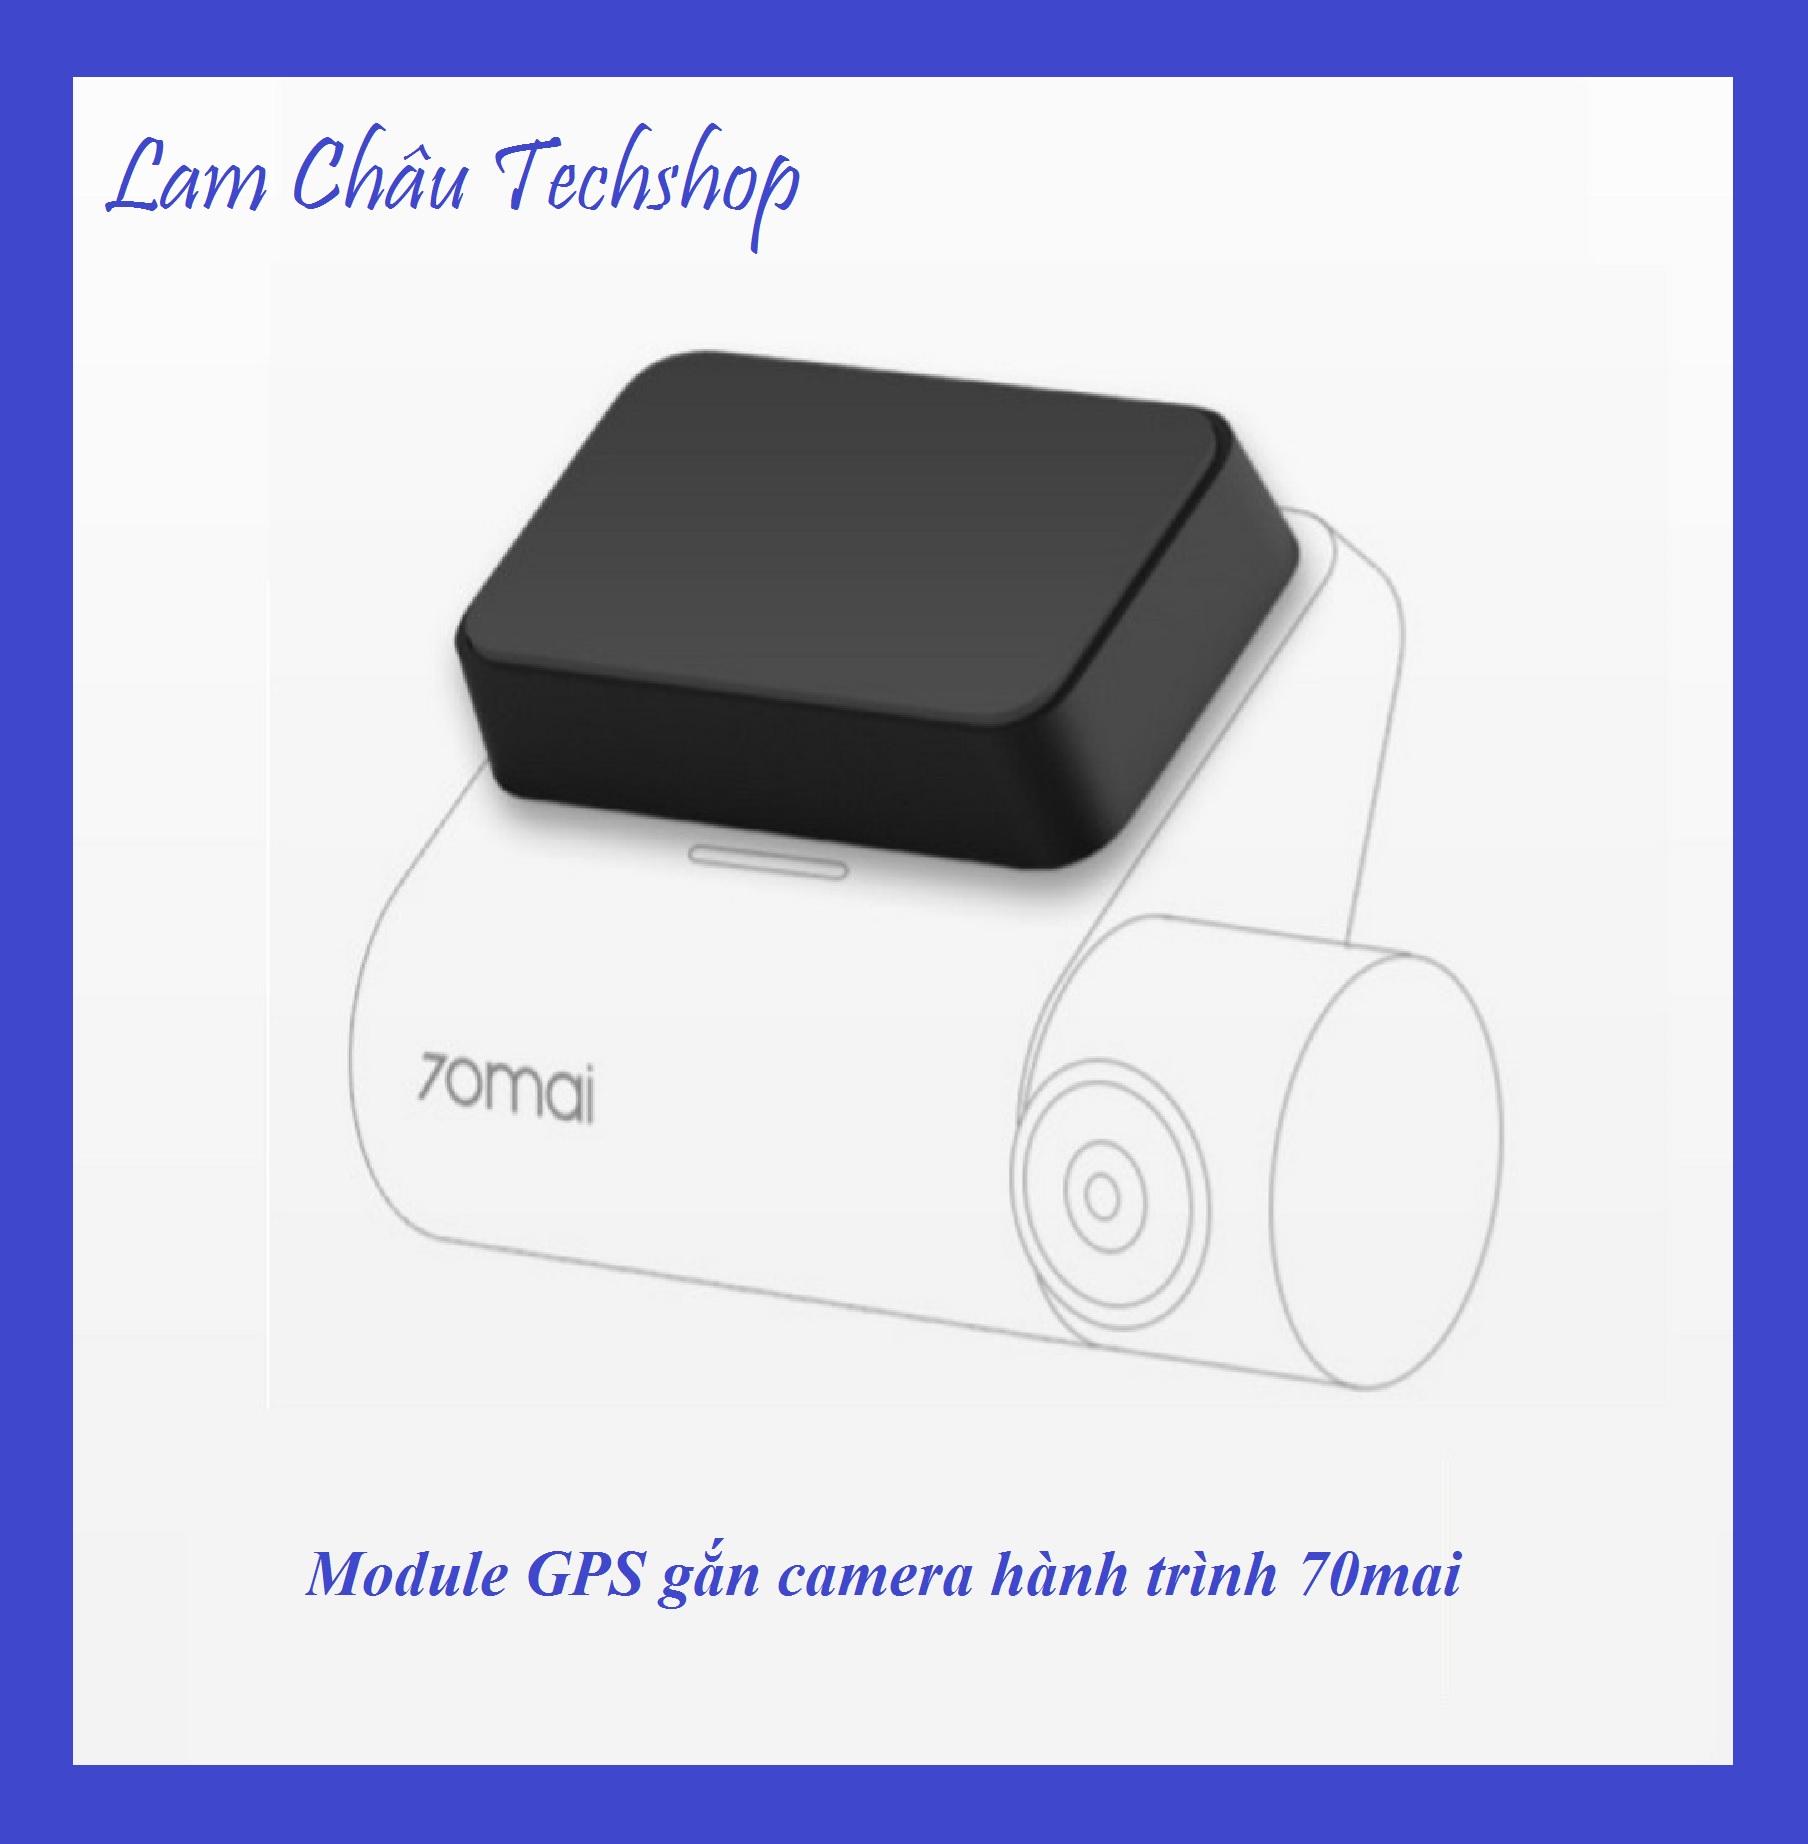 Module Gắn Camera Hành Trình Xiaomi 70mai Pro Giá Sốc Nên Mua